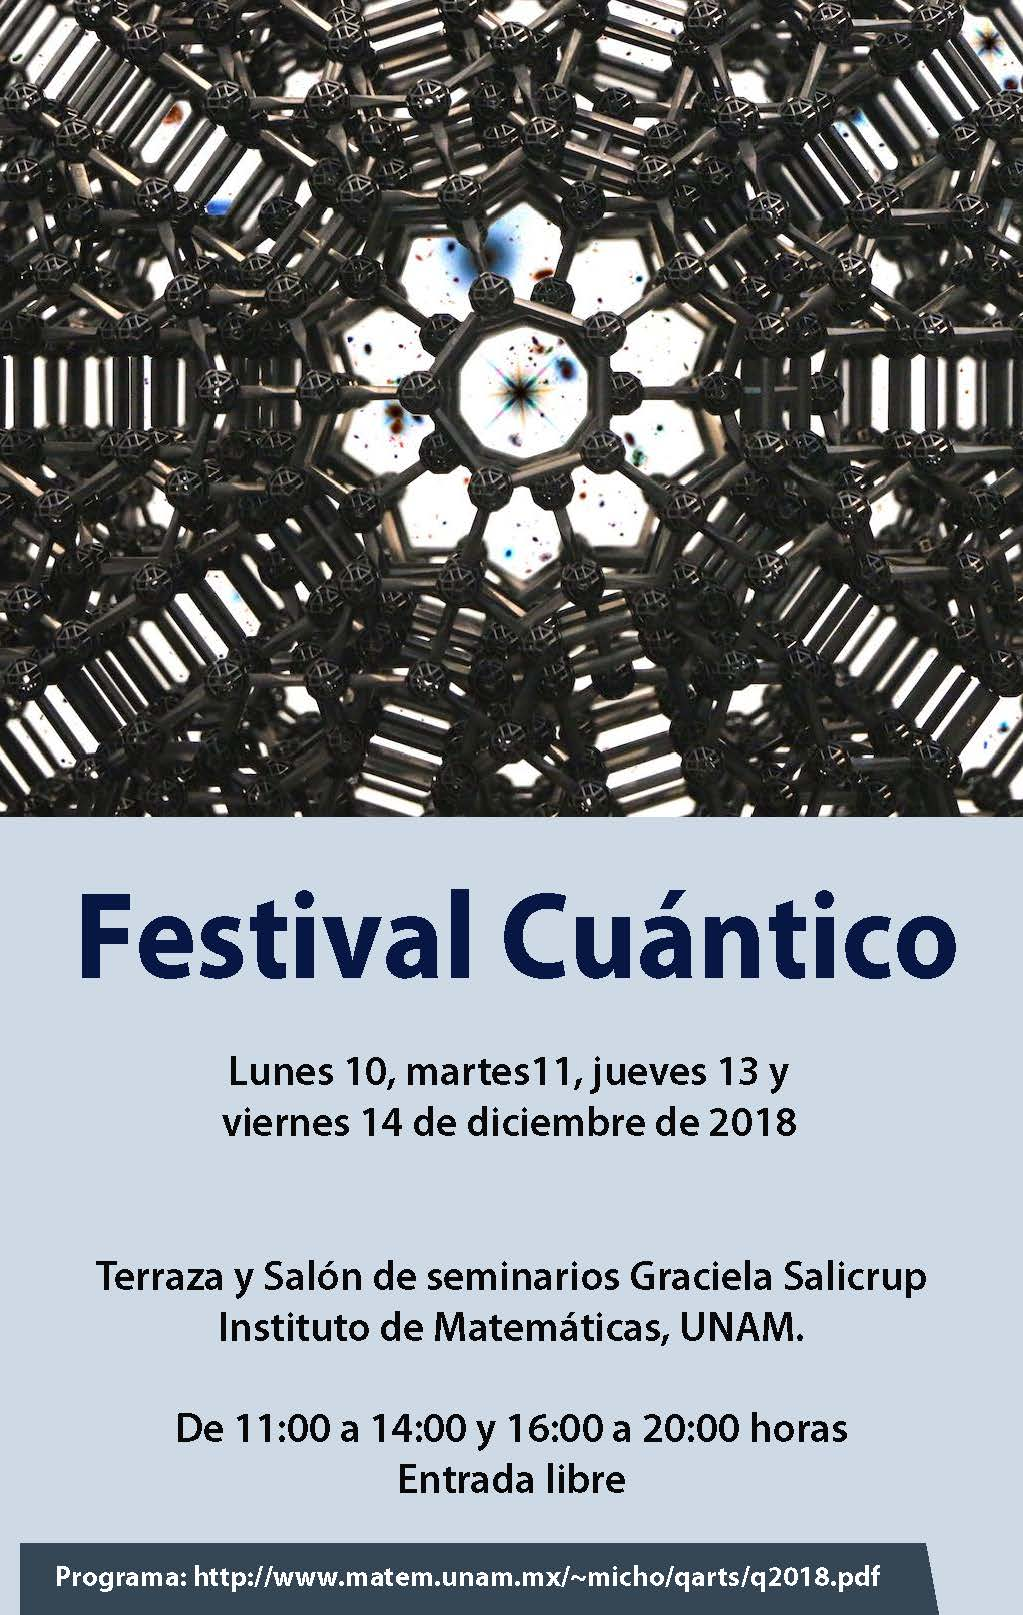 Festival Cuántico 2018